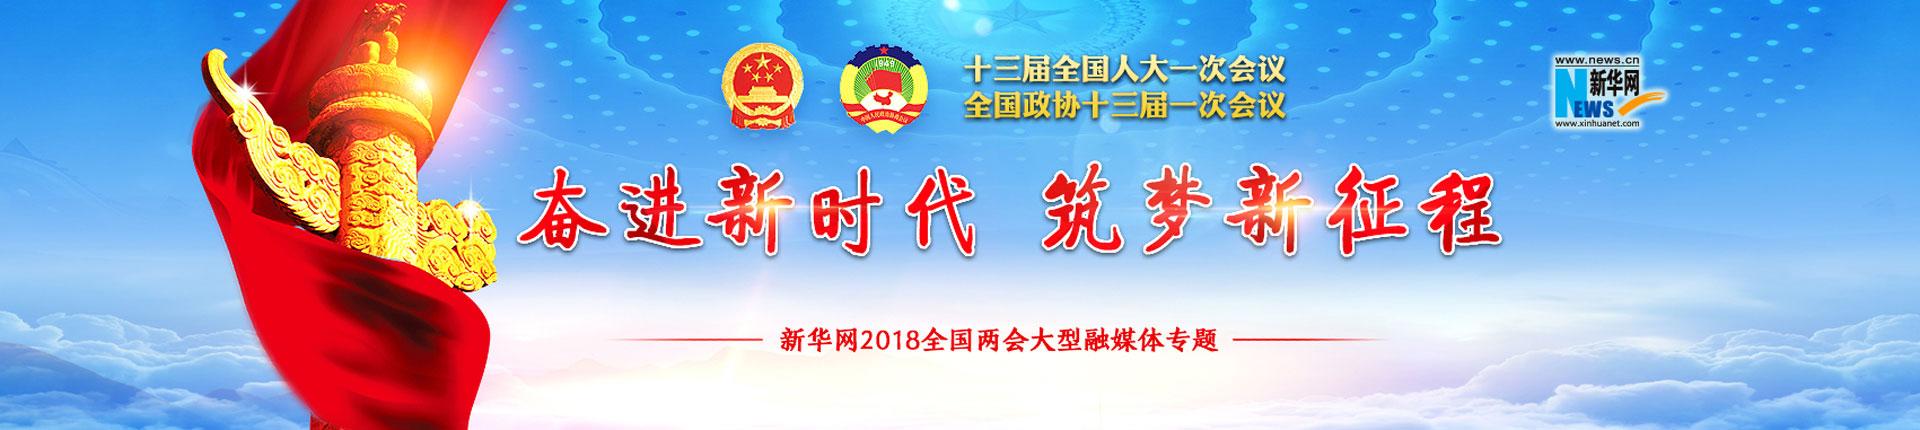 新华网推出2018全国两会大型融媒体专题